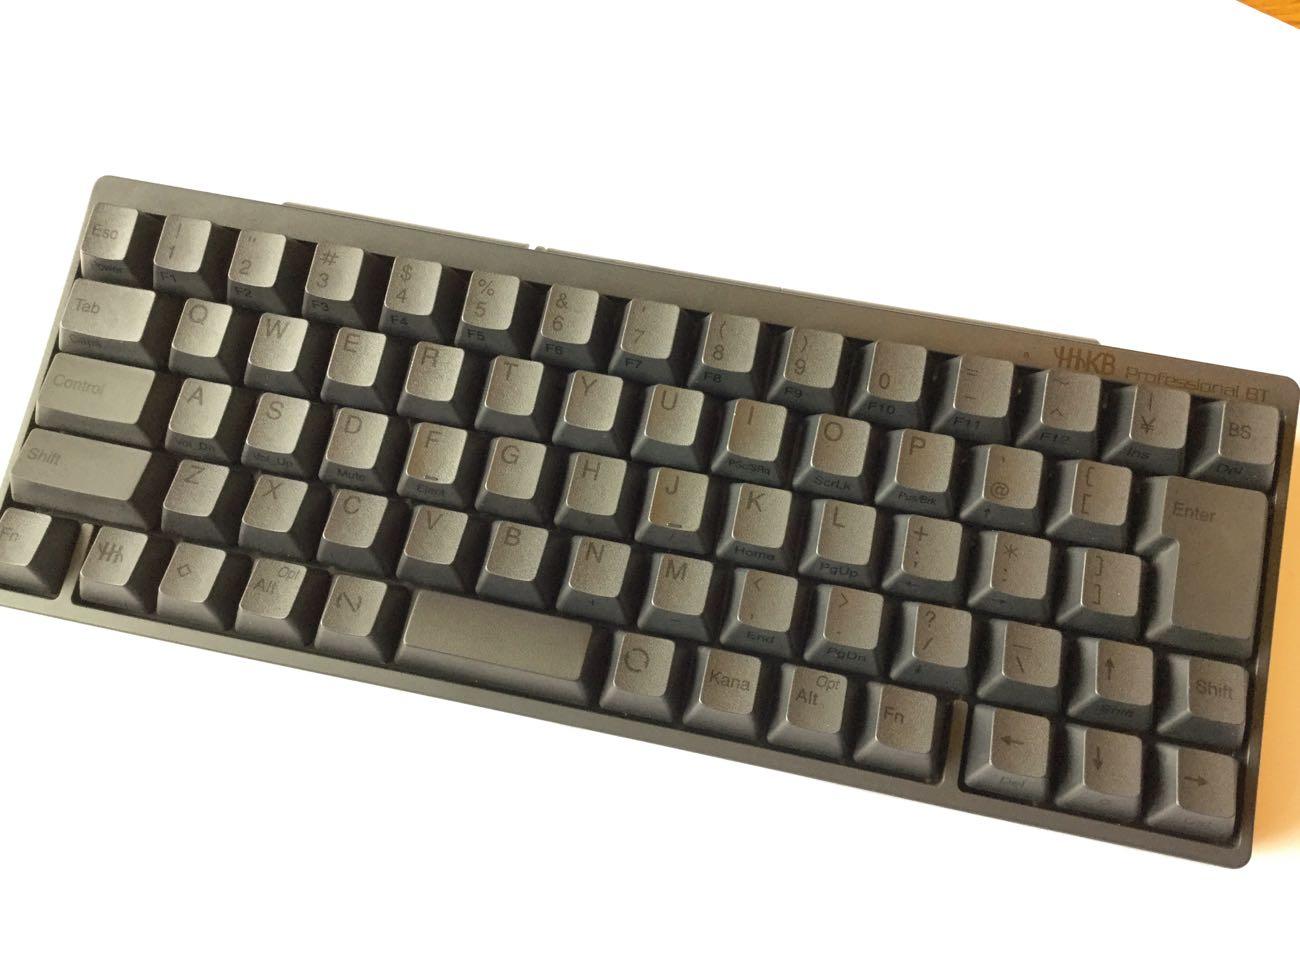 これがiPadで最強のキーボードです